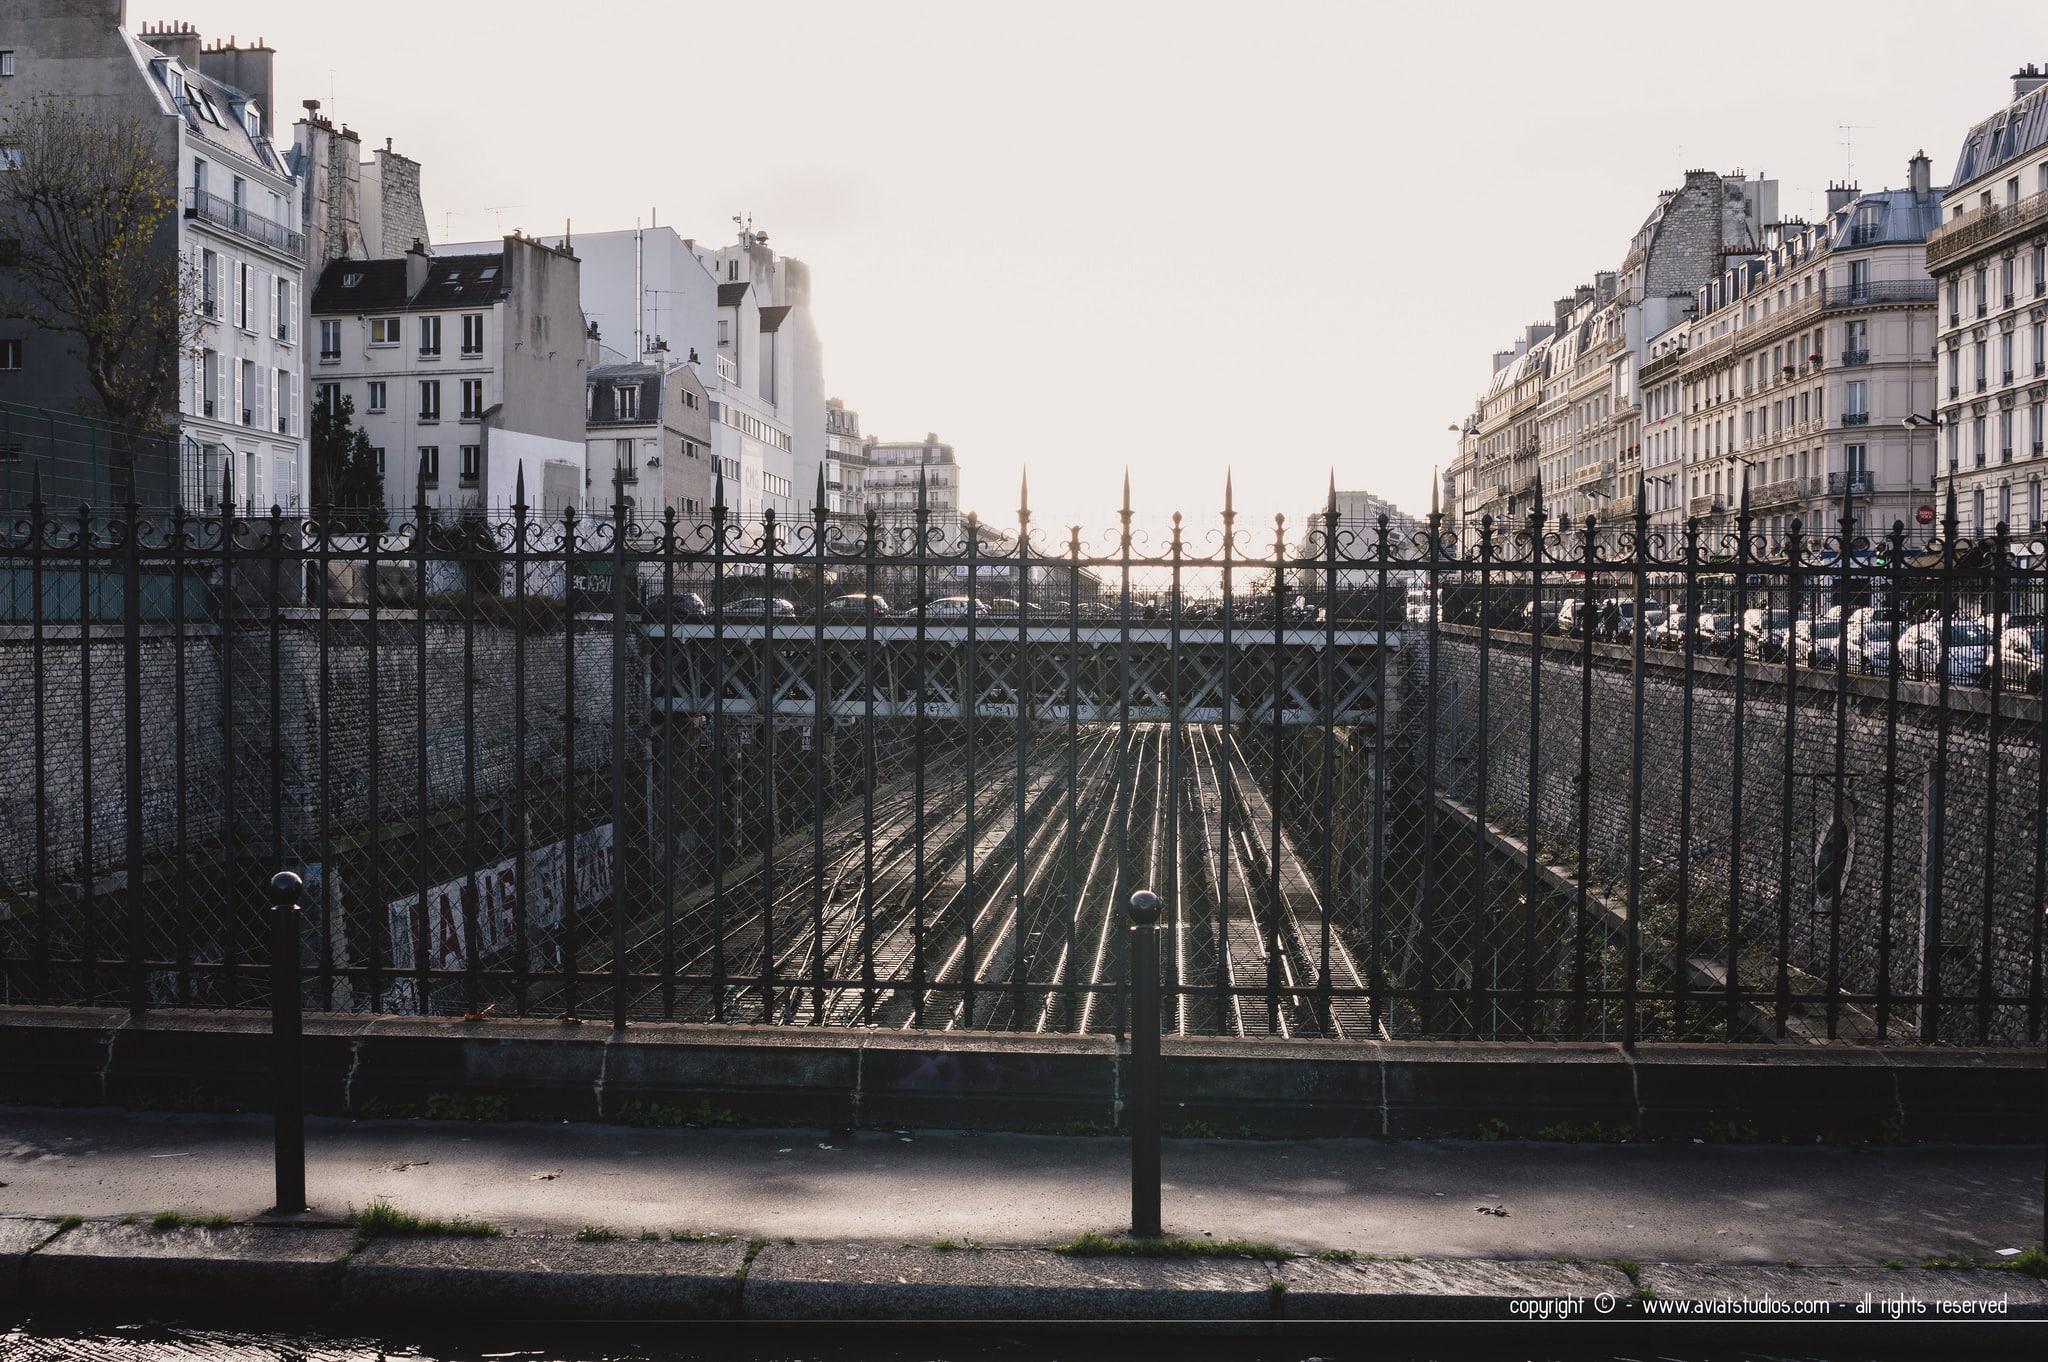 Un week-end à Paris - balade dans la ville